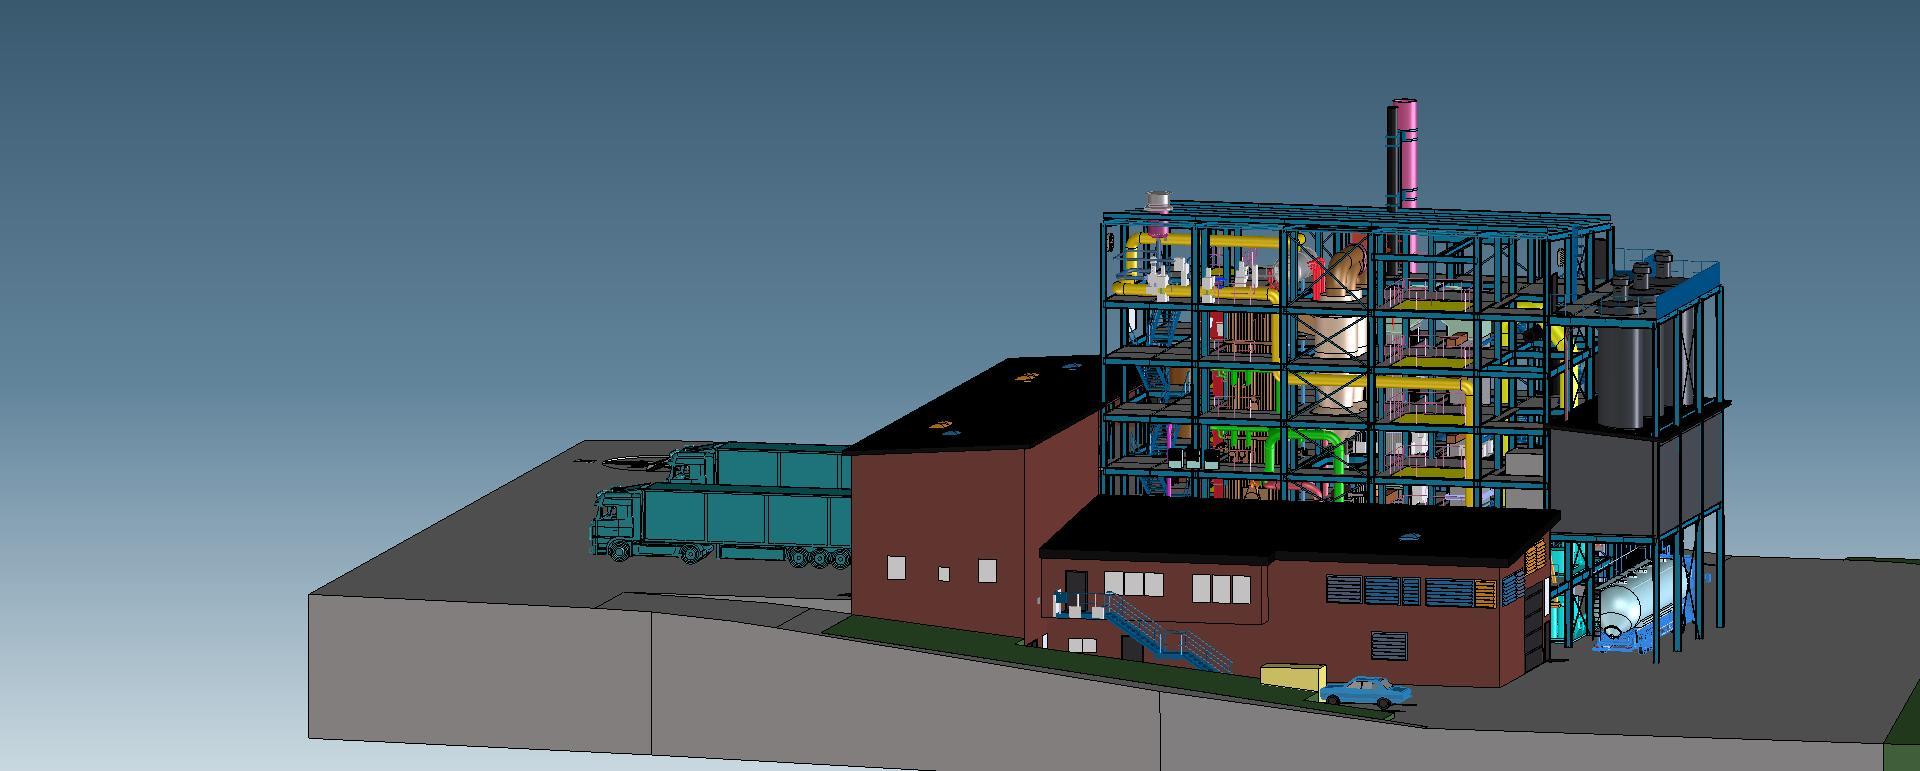 Klärschlammverbrennung mit WEHRLE K³ Wirbelschichttechnologie - dezentrale Kleinanlagen K³